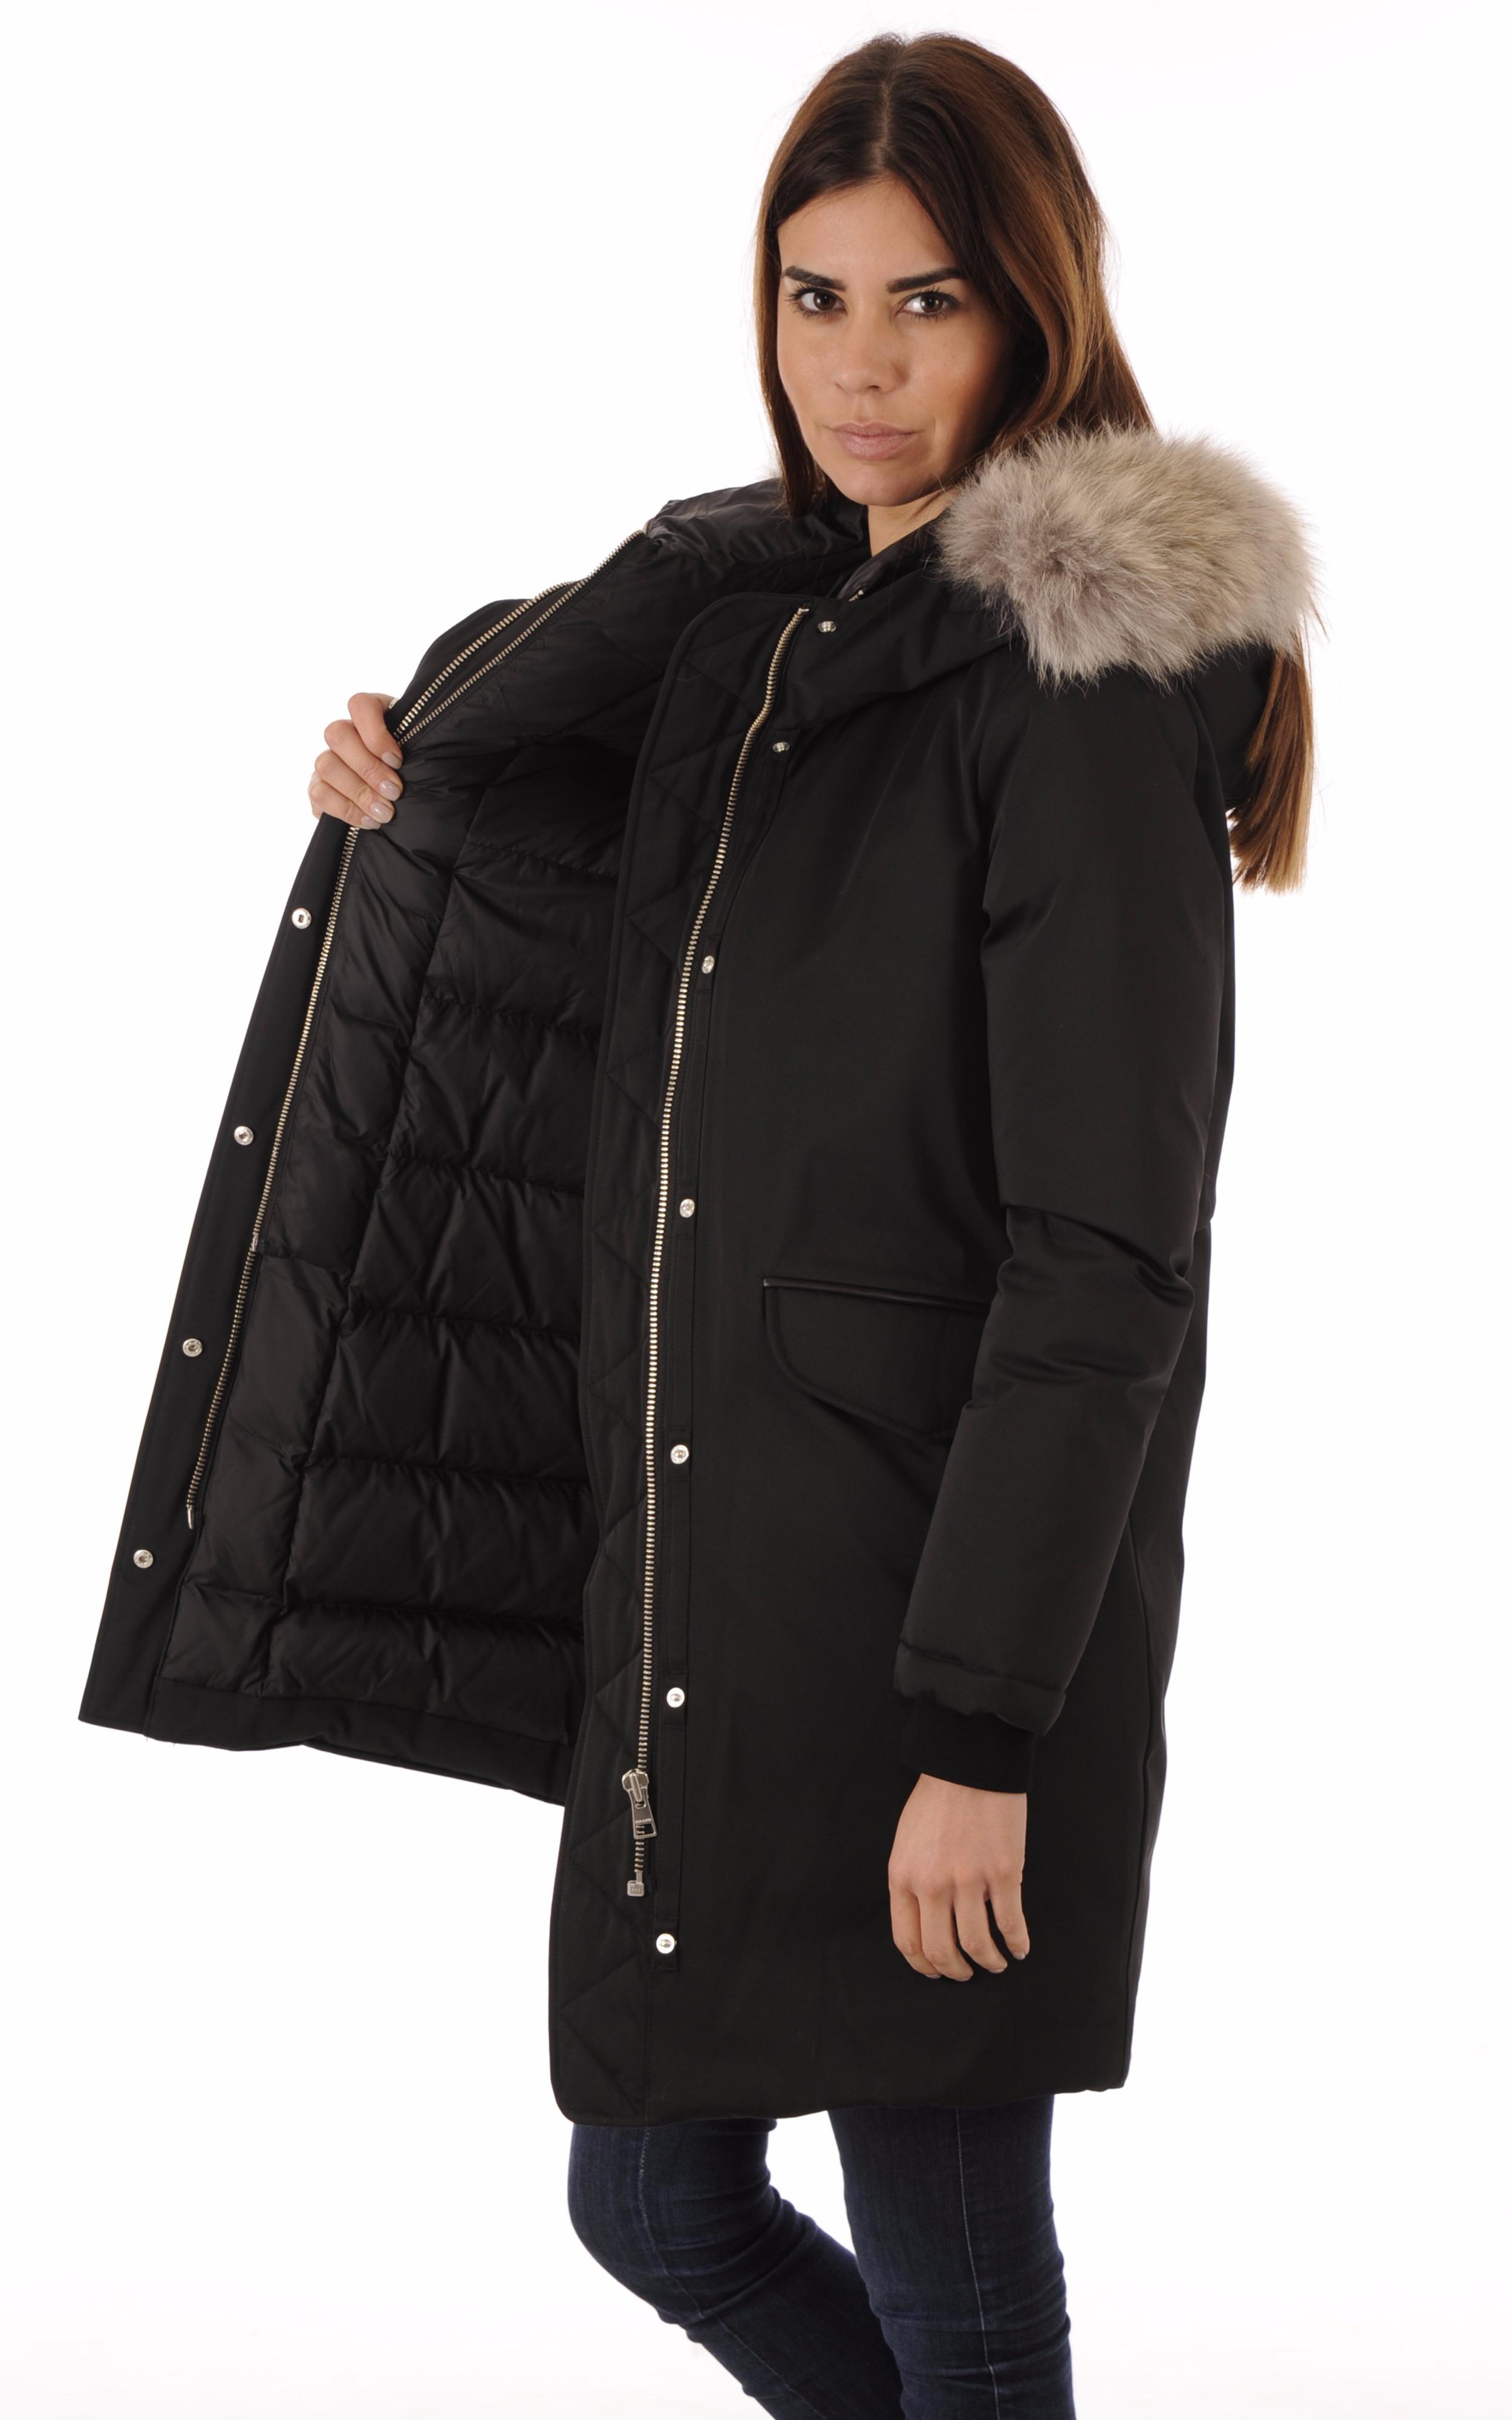 doudoune longue noire femme soia kyo la canadienne doudoune parka textile noir. Black Bedroom Furniture Sets. Home Design Ideas